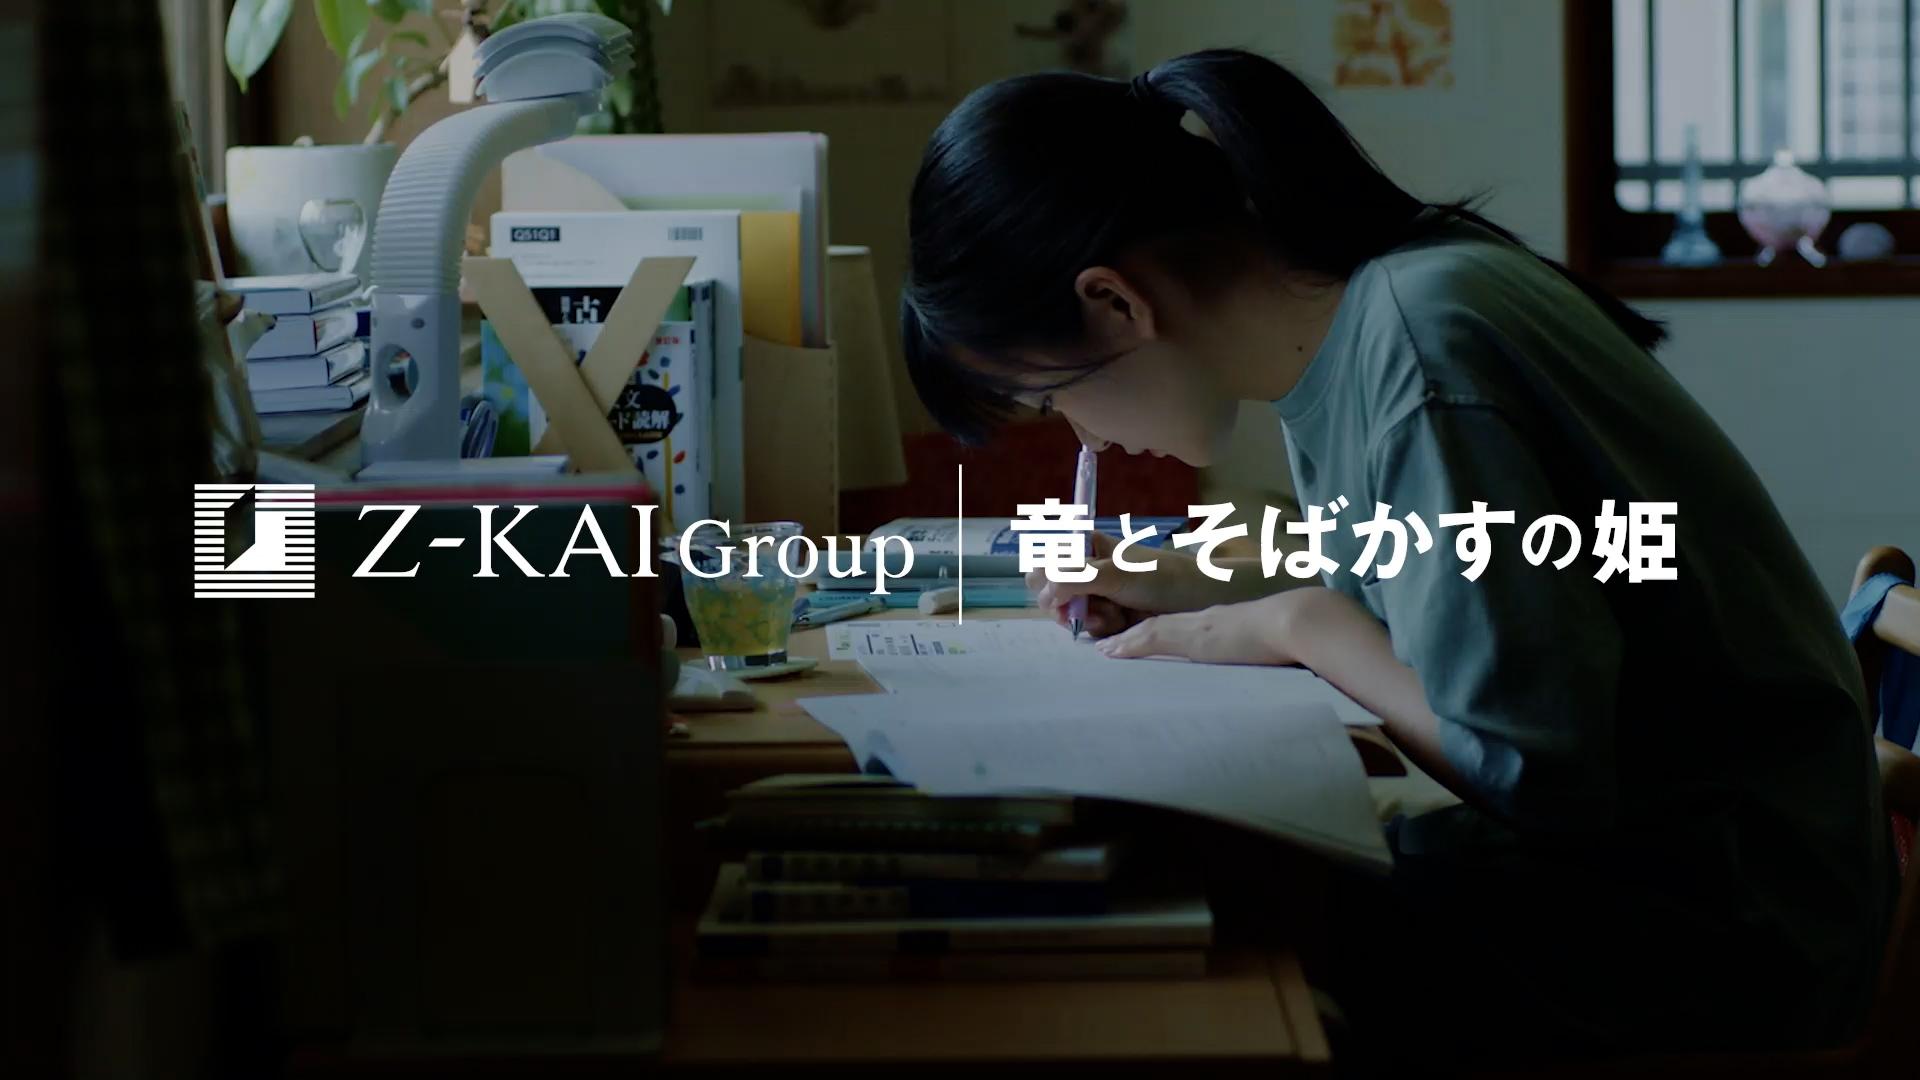 Z-KAI Group/竜とそばかす姫解けない未来はない。篇